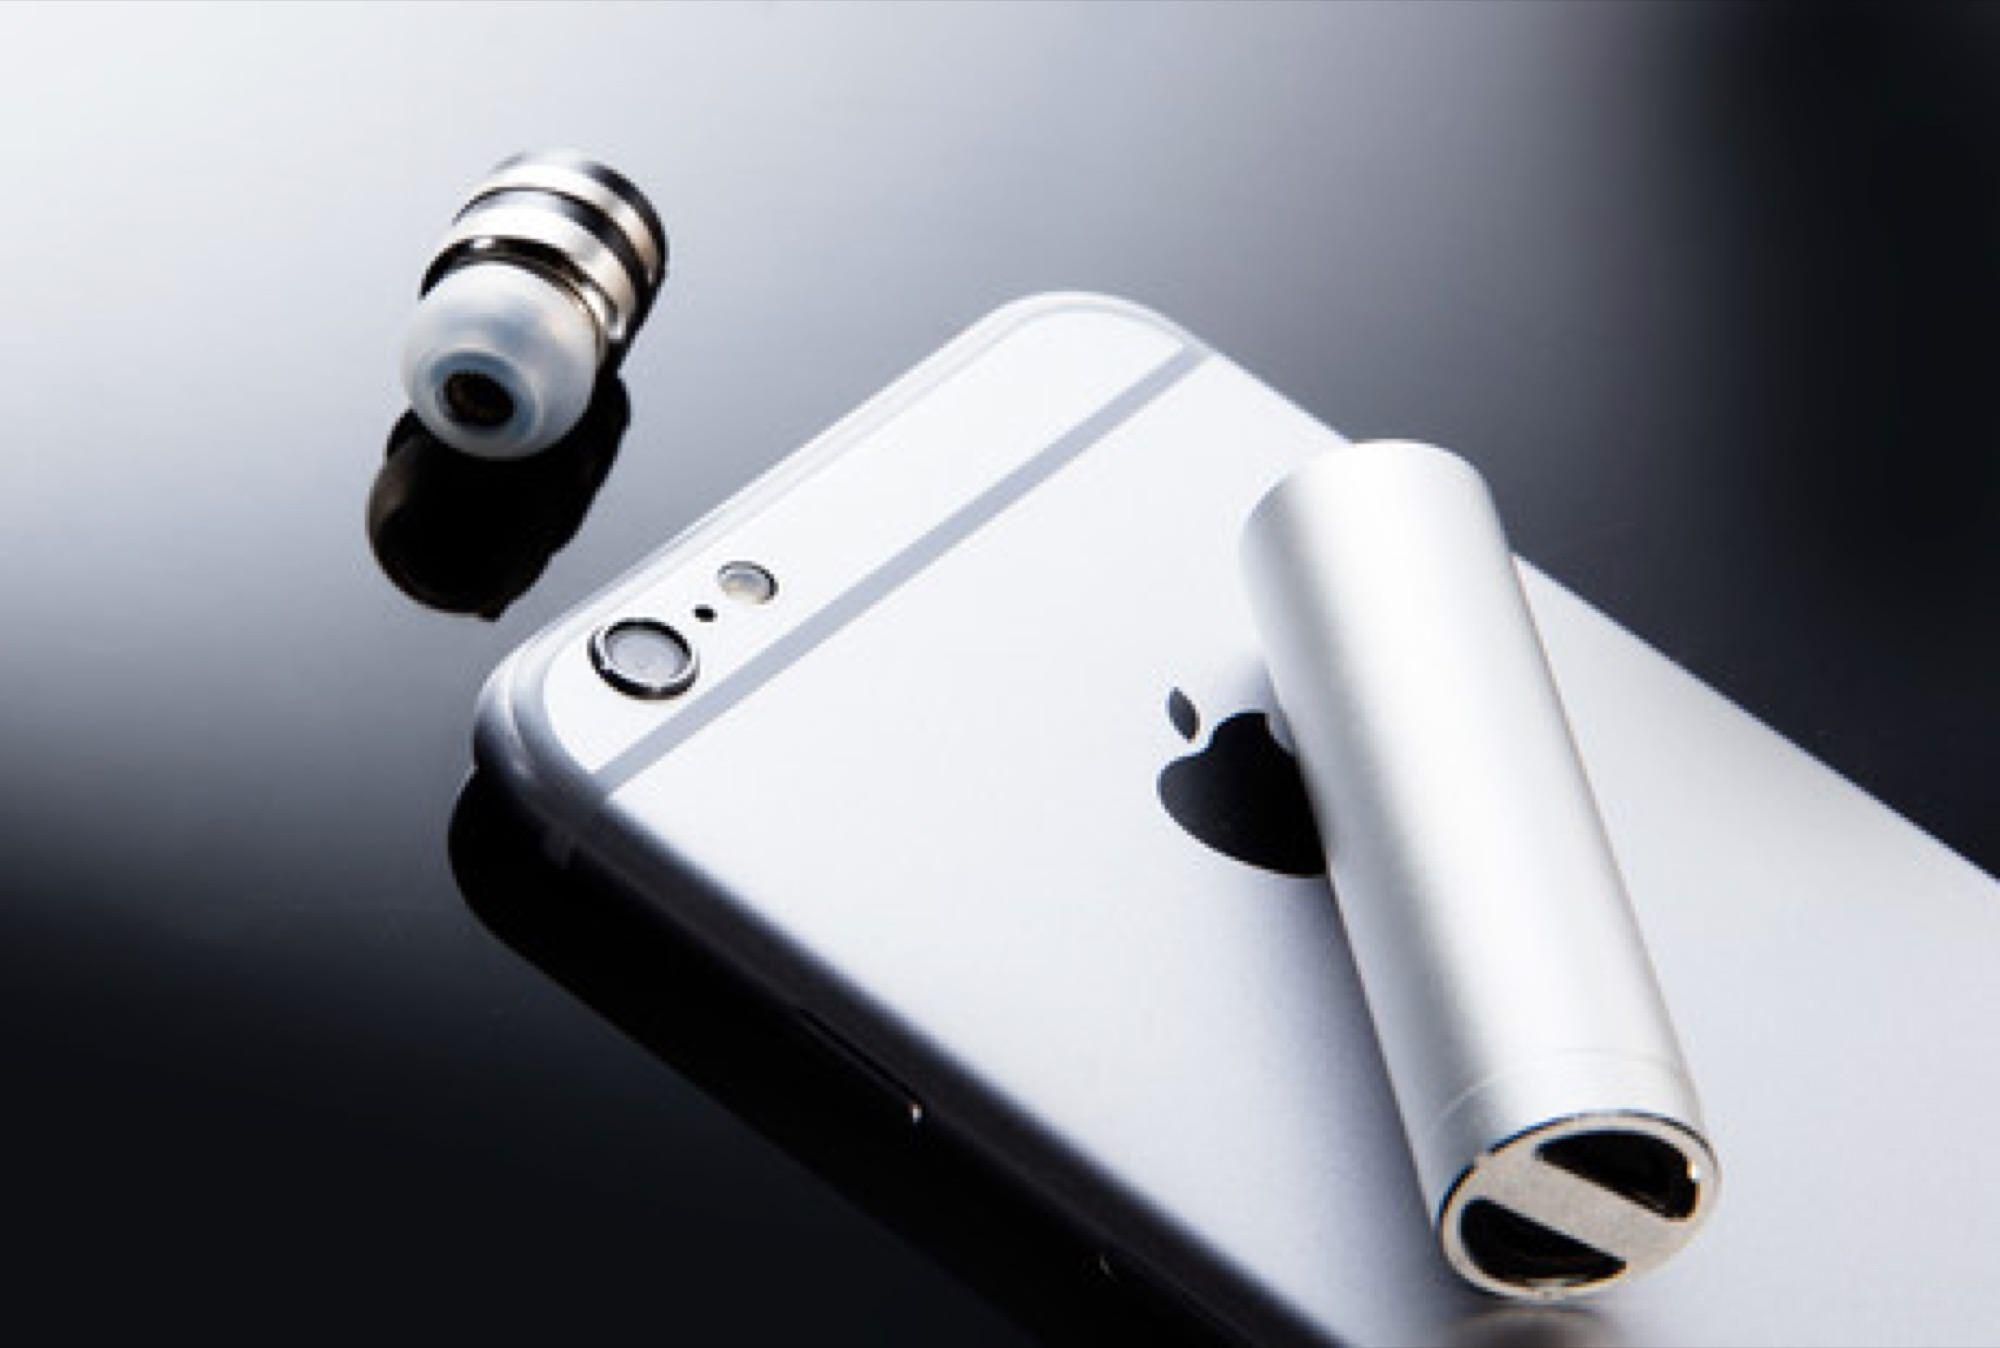 マイク内蔵の耳栓型の極小Bluetoothイヤホン:BULLET